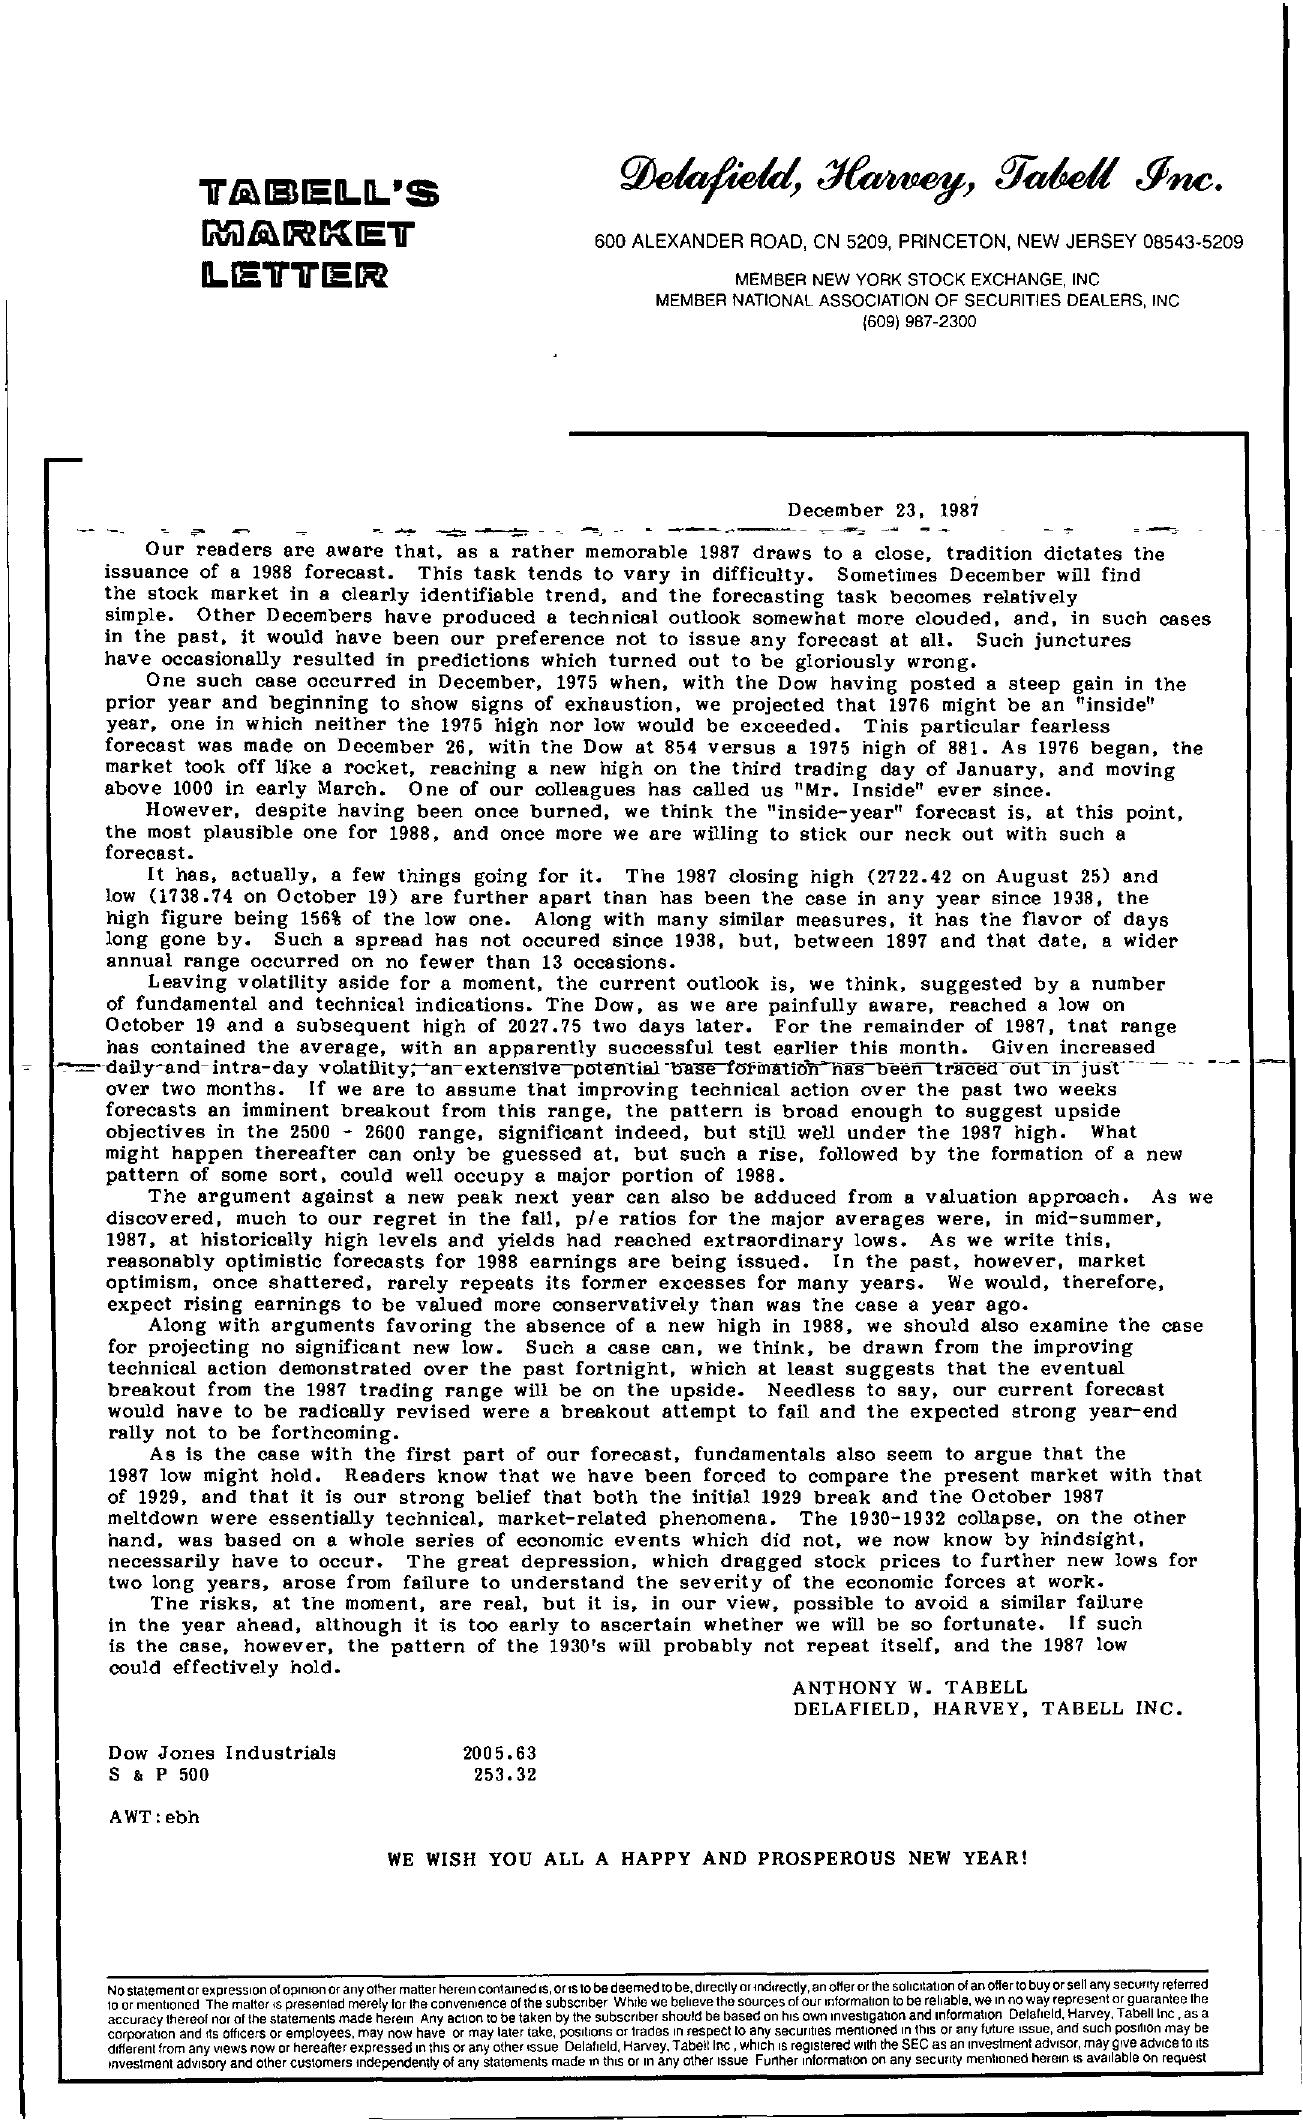 Tabell's Market Letter - December 23, 1987